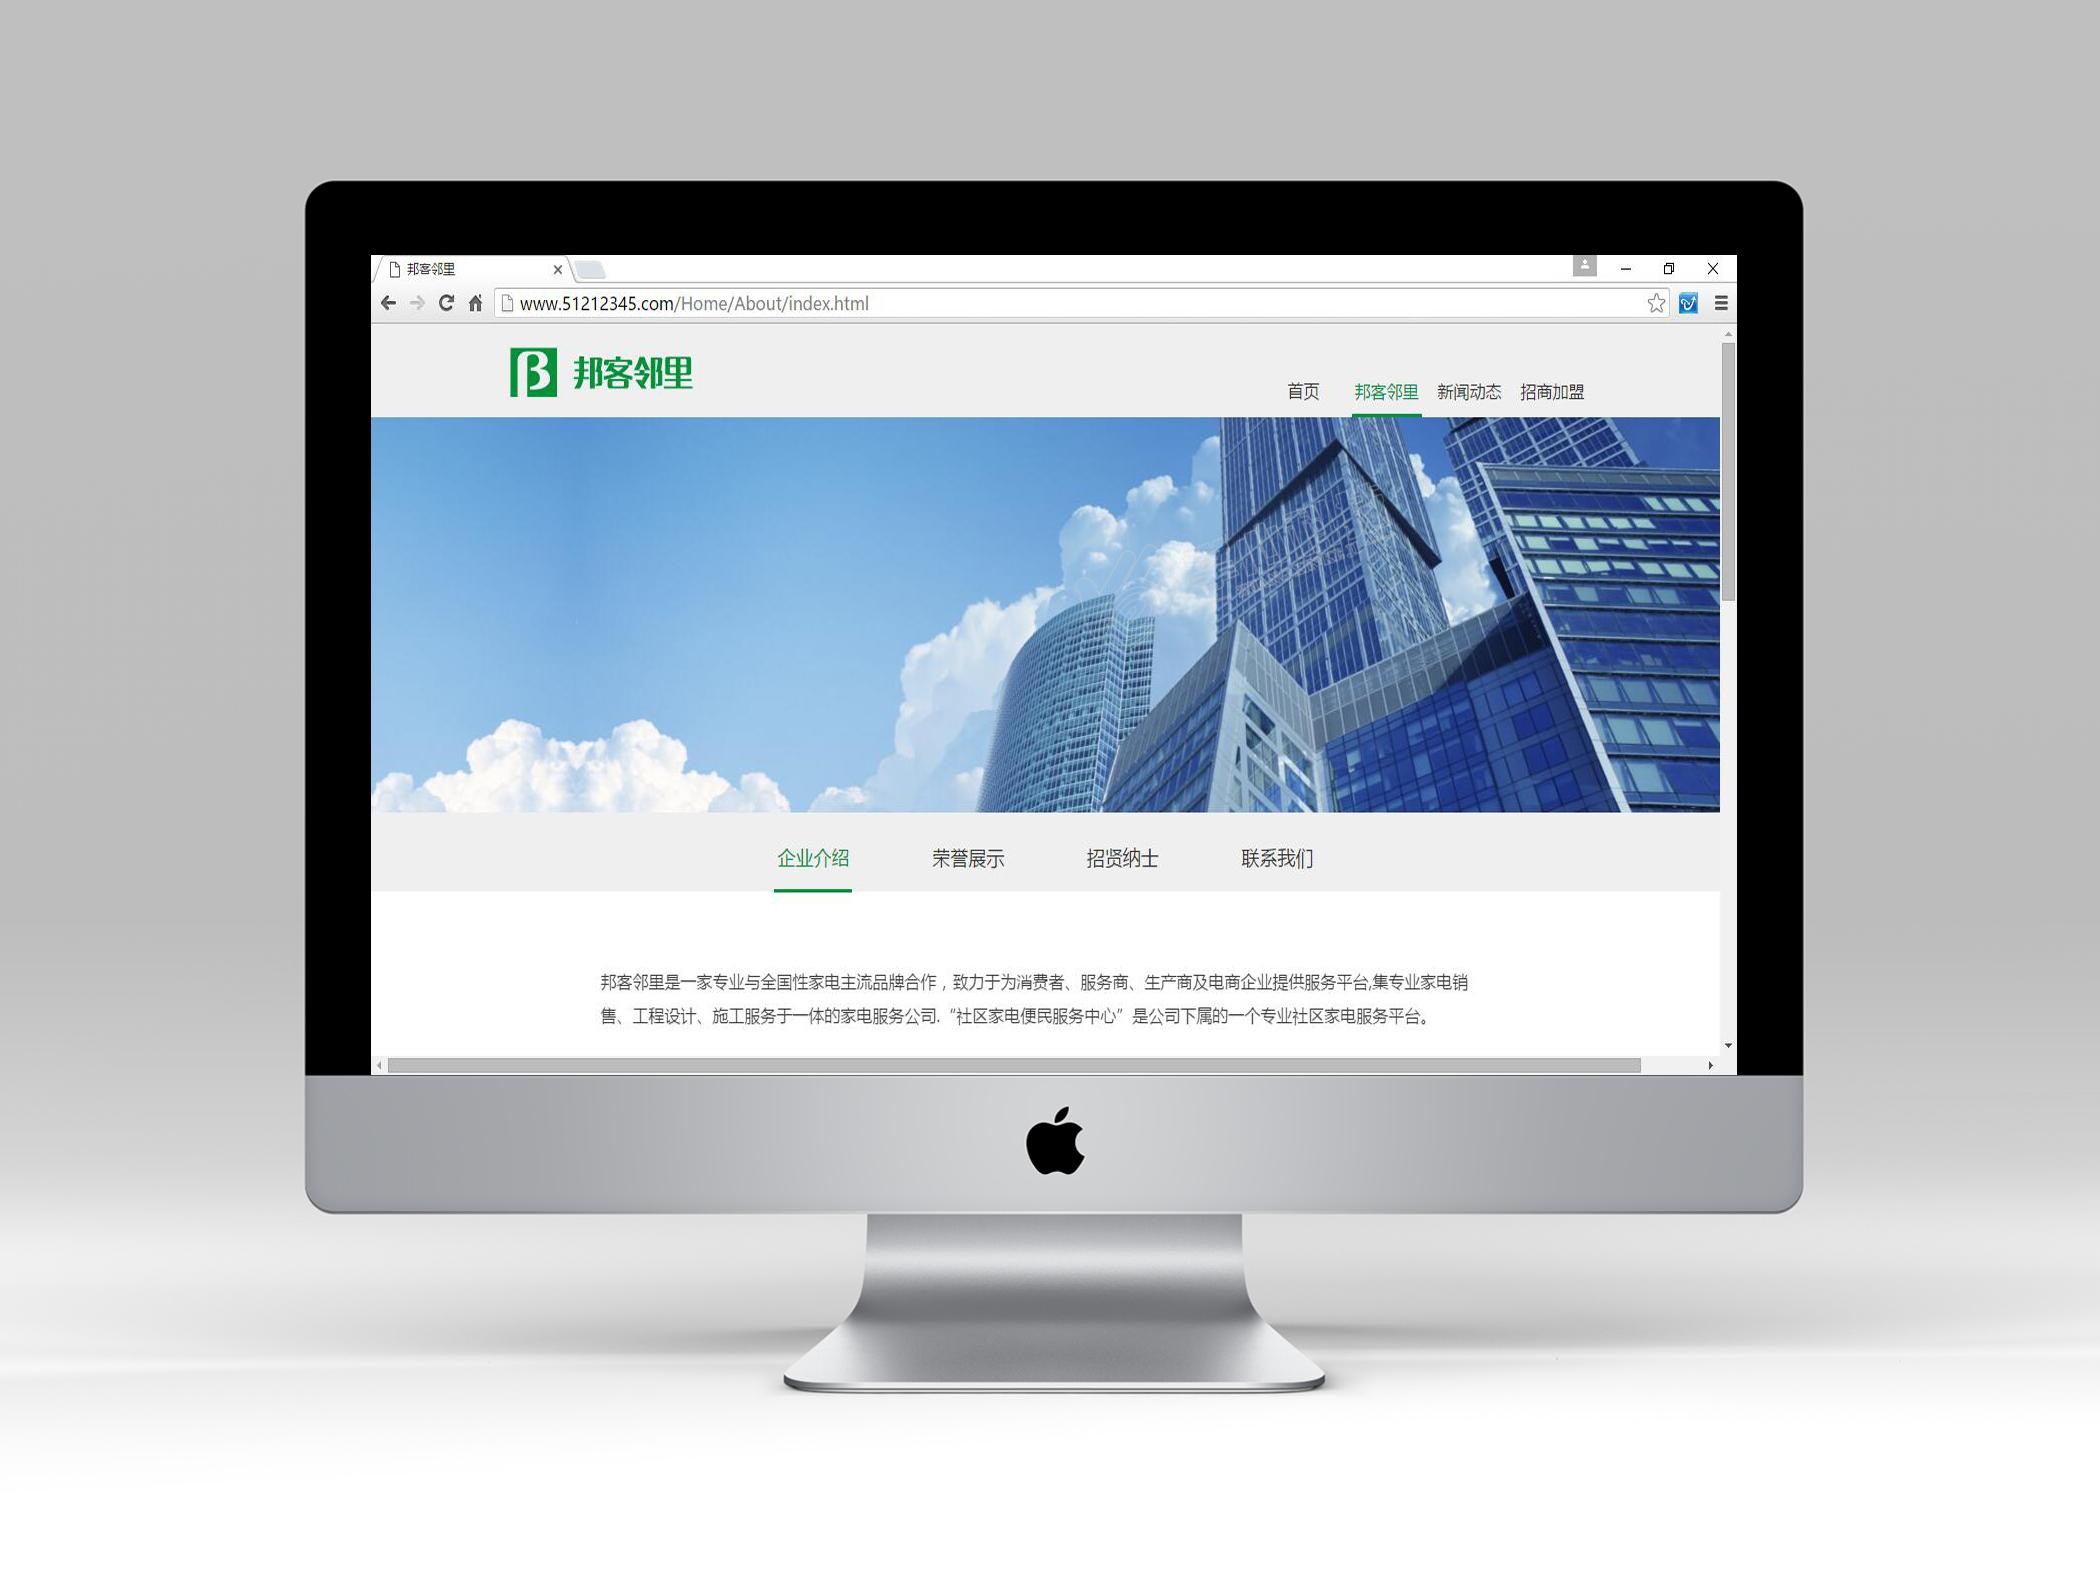 微信小程序定制开发生鲜水果电商平台配送多商户团购三级分销商城